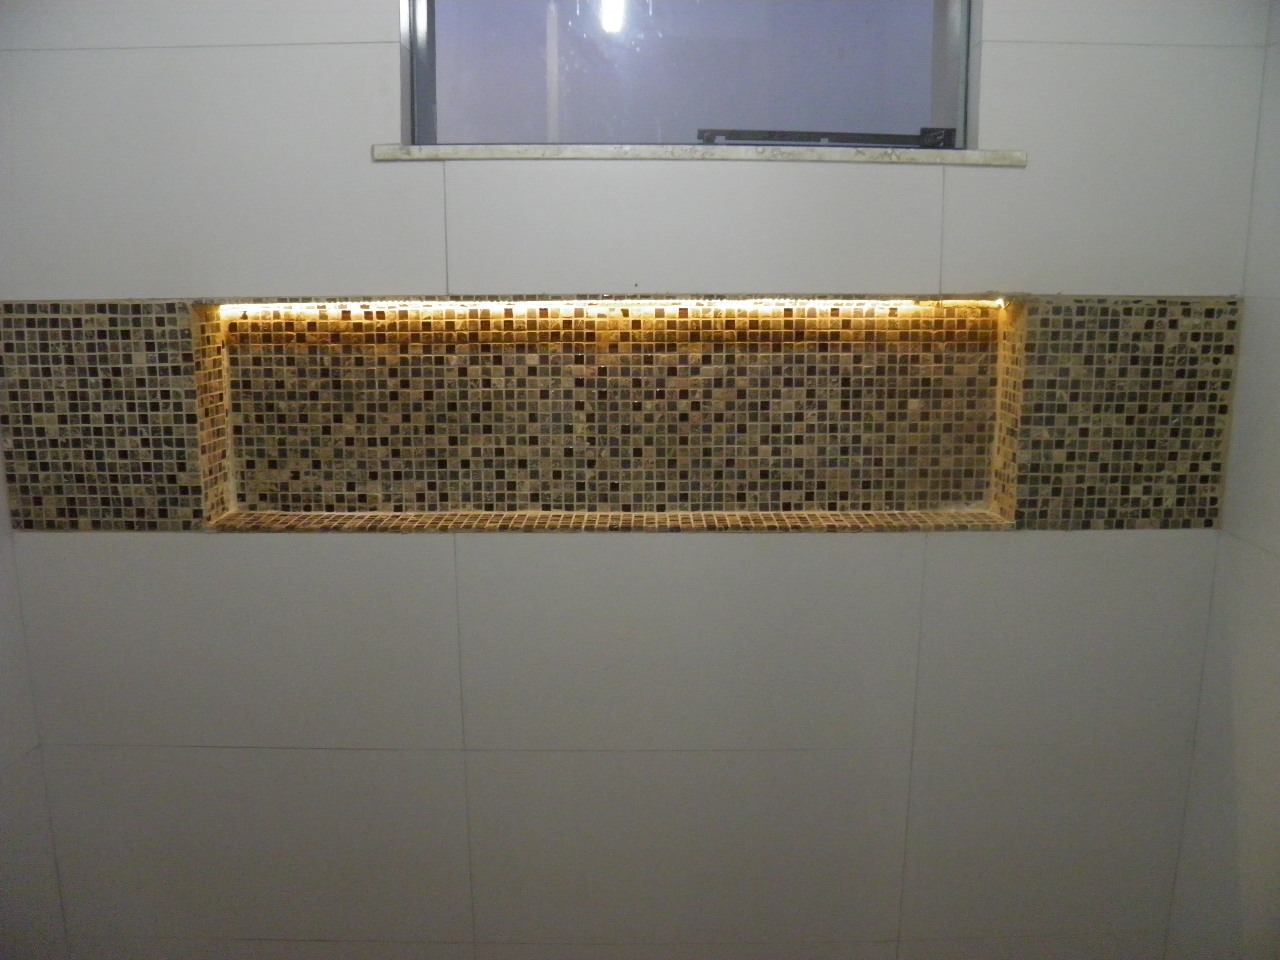 Construindo e arquitetando engenhosamente um sonho, com cimento de amor! Nic -> Nicho Banheiro Iluminado